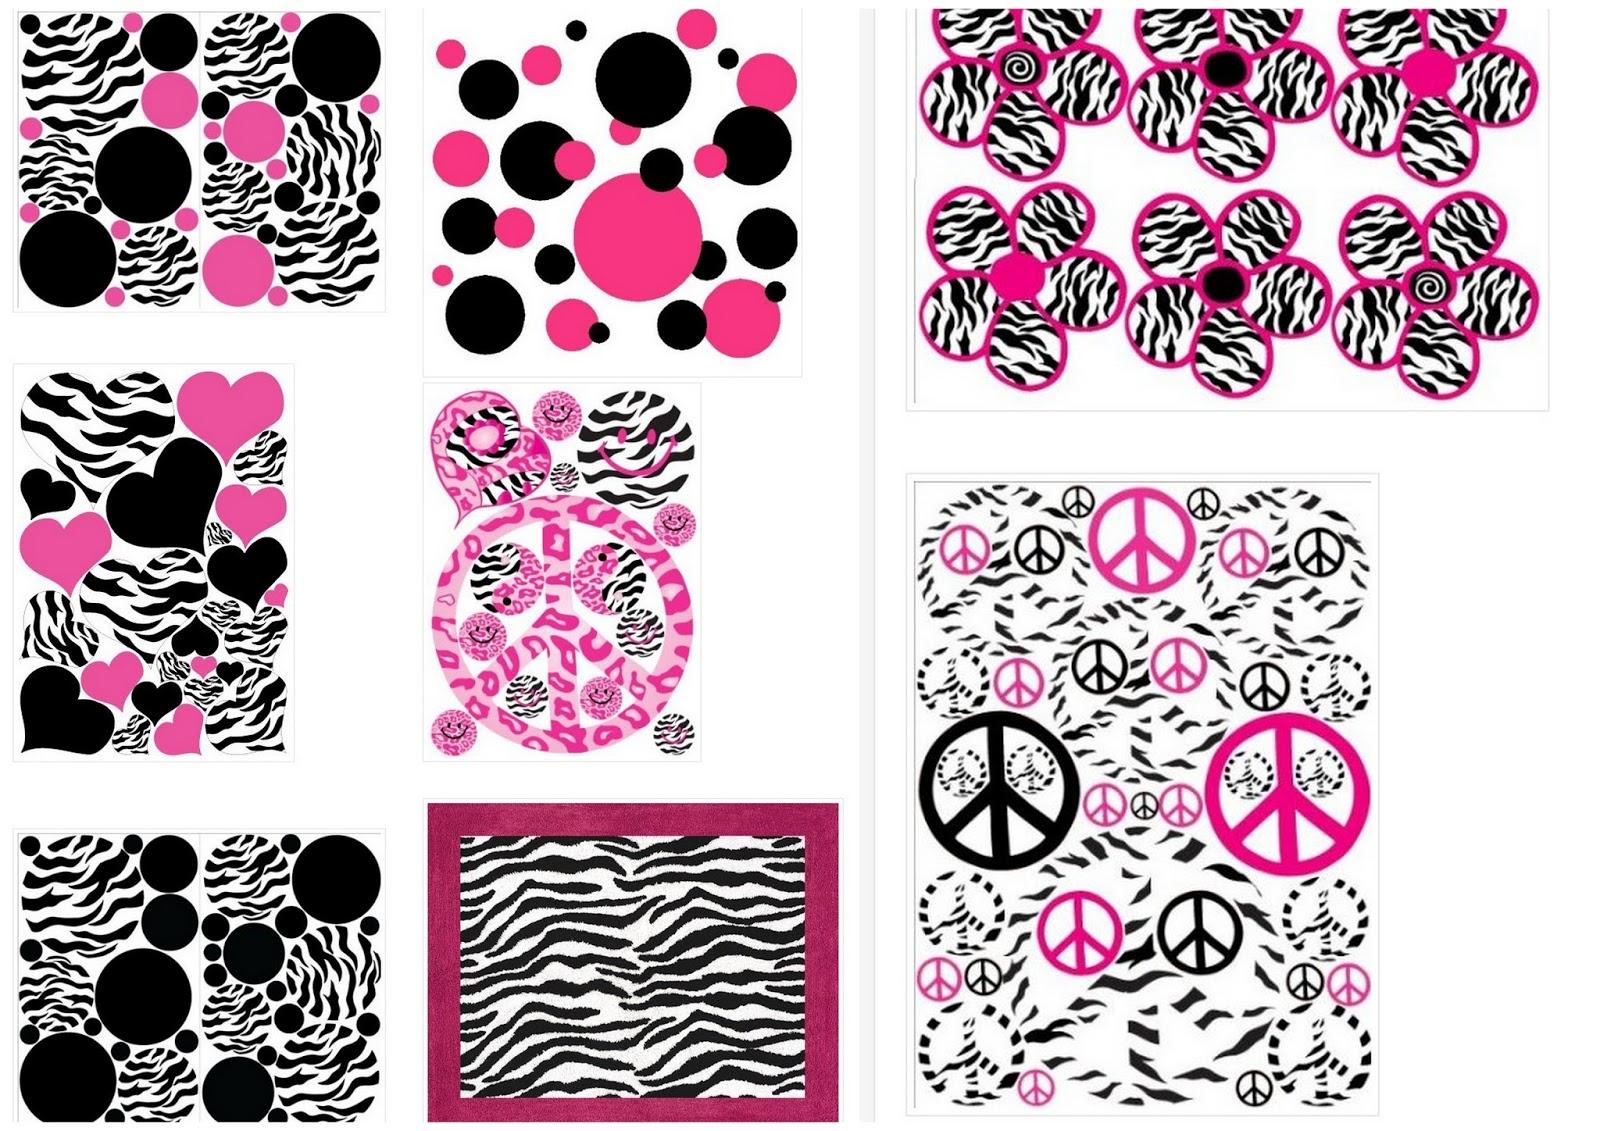 15 Años en Cebra y Rosa: Fondos para Imprimir Gratis. | Oh My 15 Años!